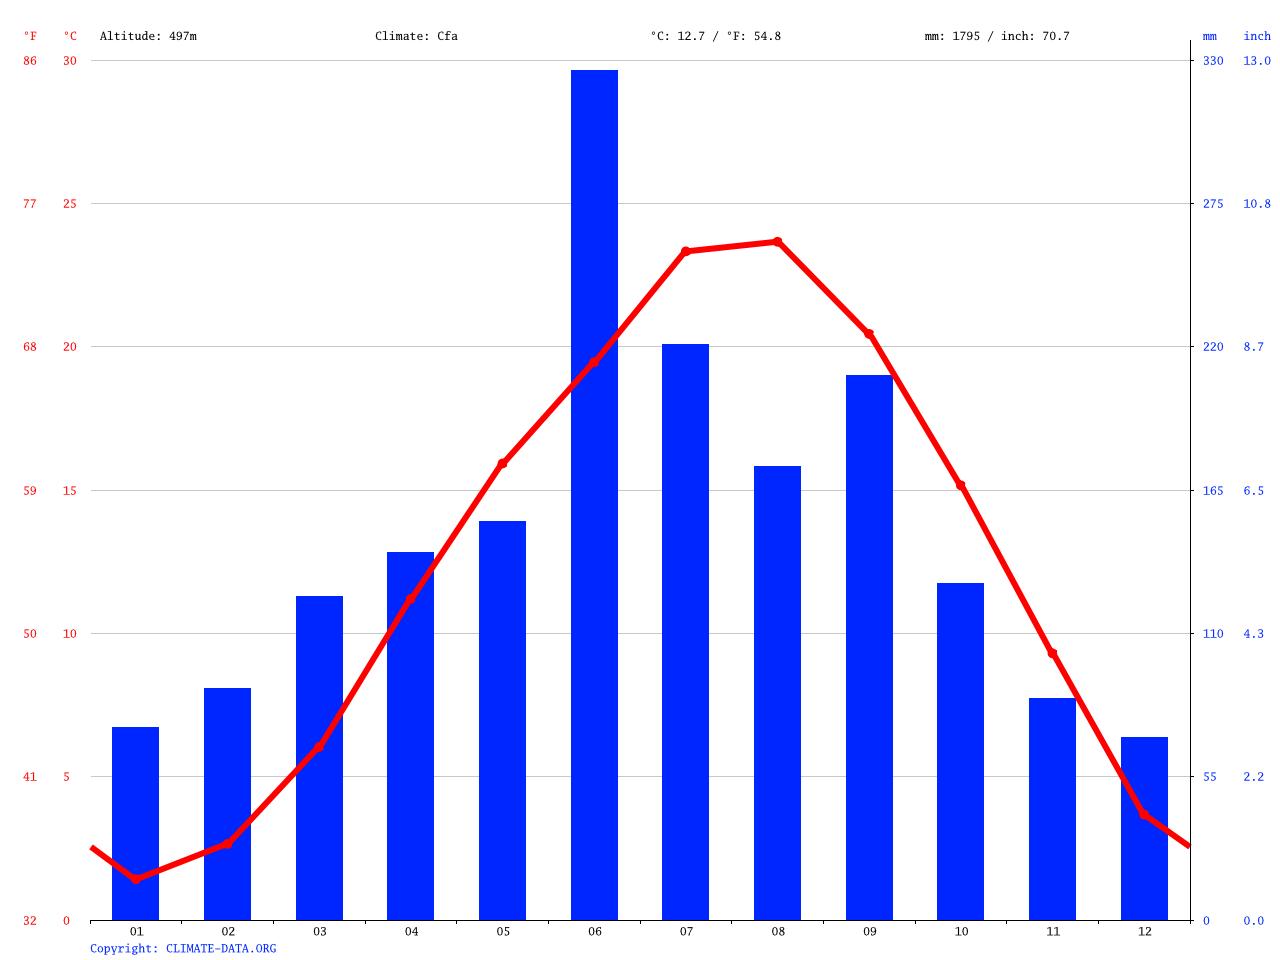 気候:由布市-気候グラフ、気温グラフ、雨温図 - Climate-Data.org